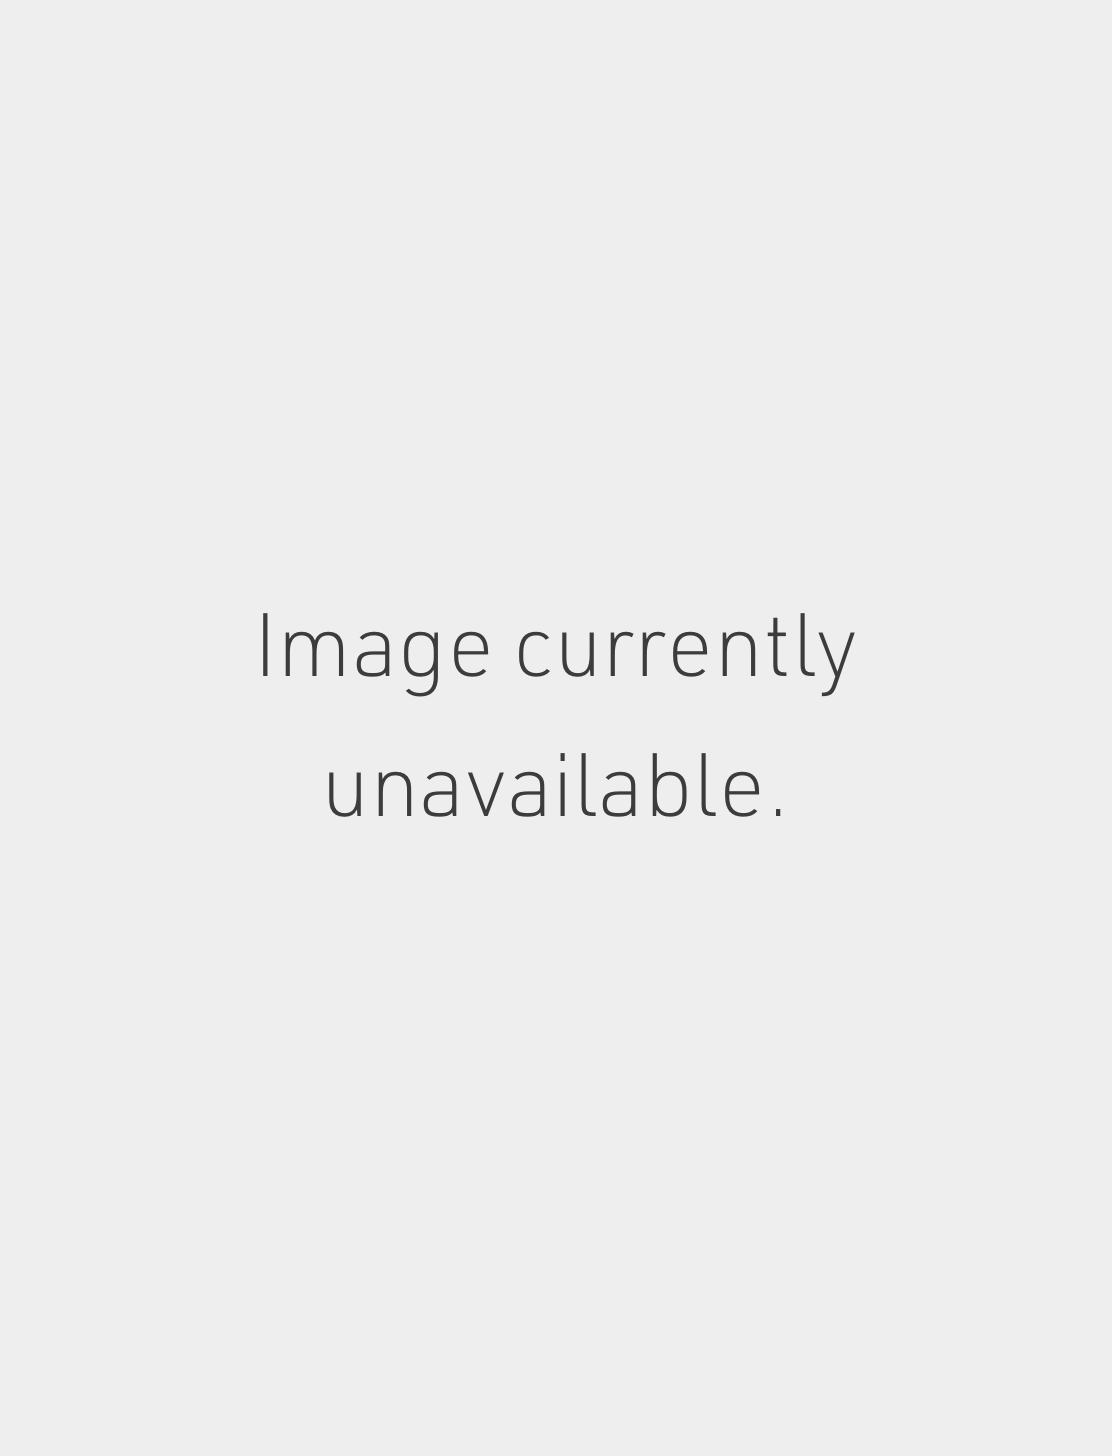 16g 8mm Titanium Hiranya Clicker UNCOLORED TI Image #1